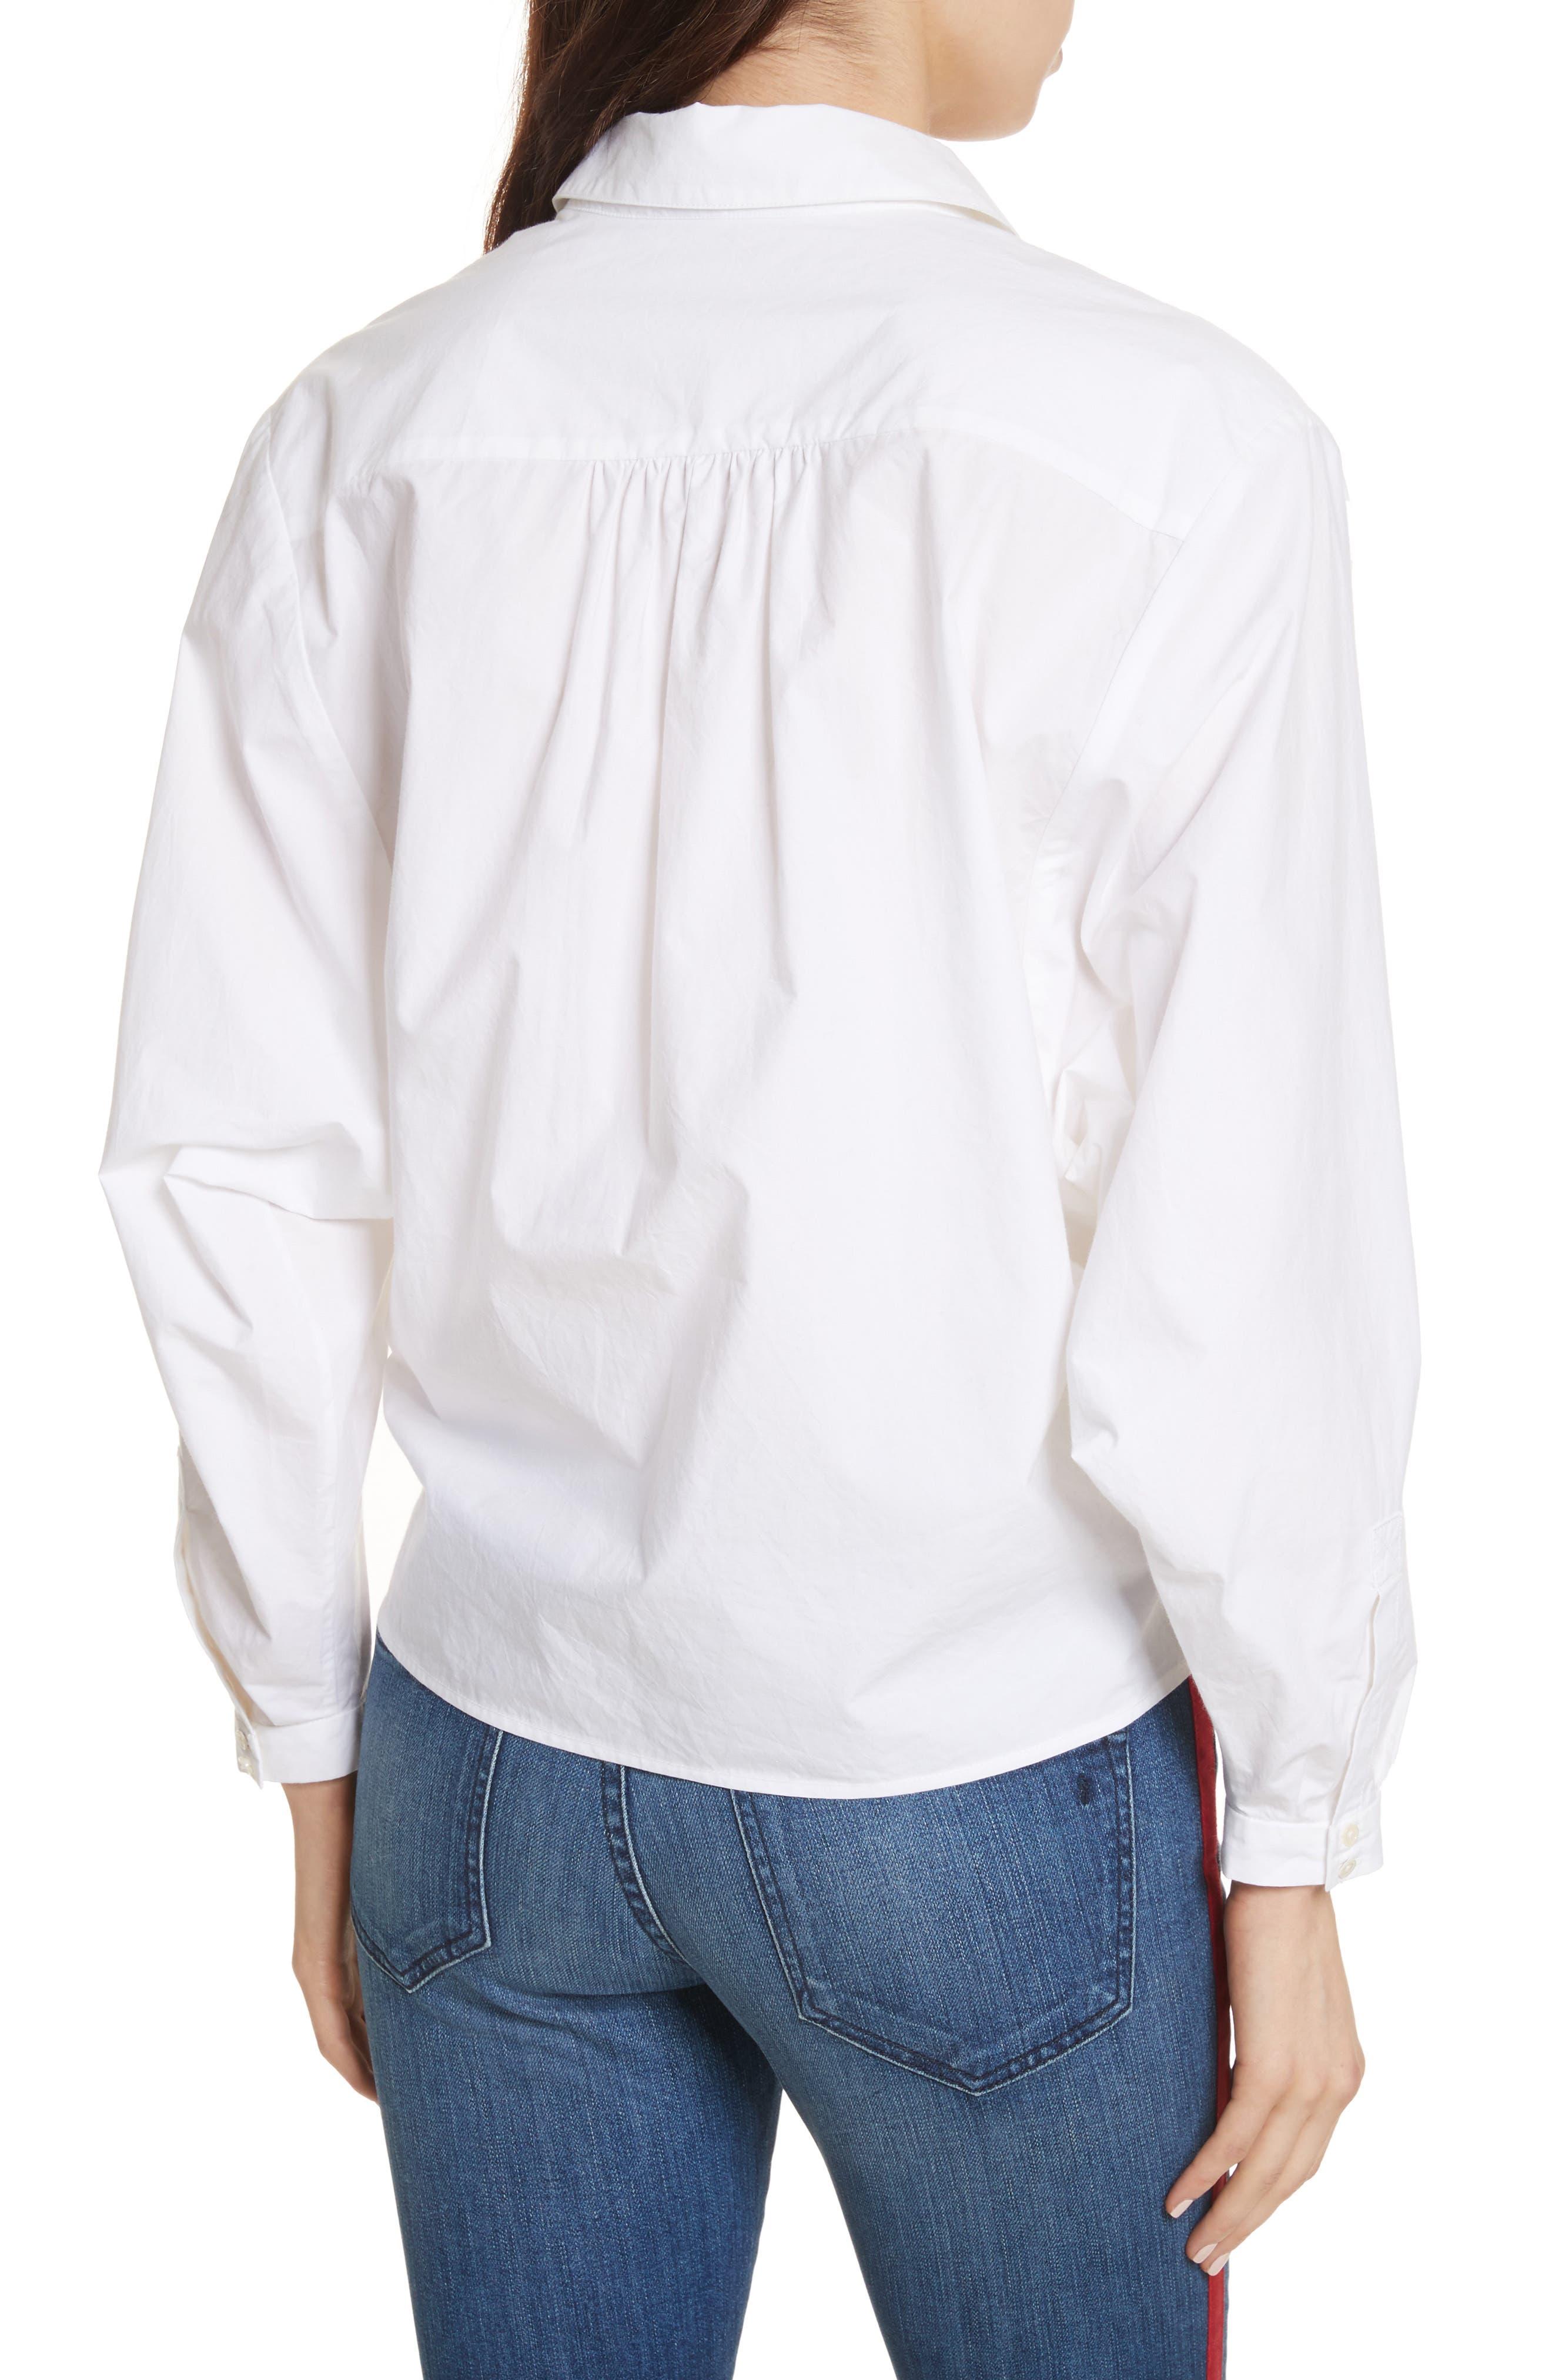 Anjanique B Button Down Cotton Shirt,                             Alternate thumbnail 2, color,                             Clean White